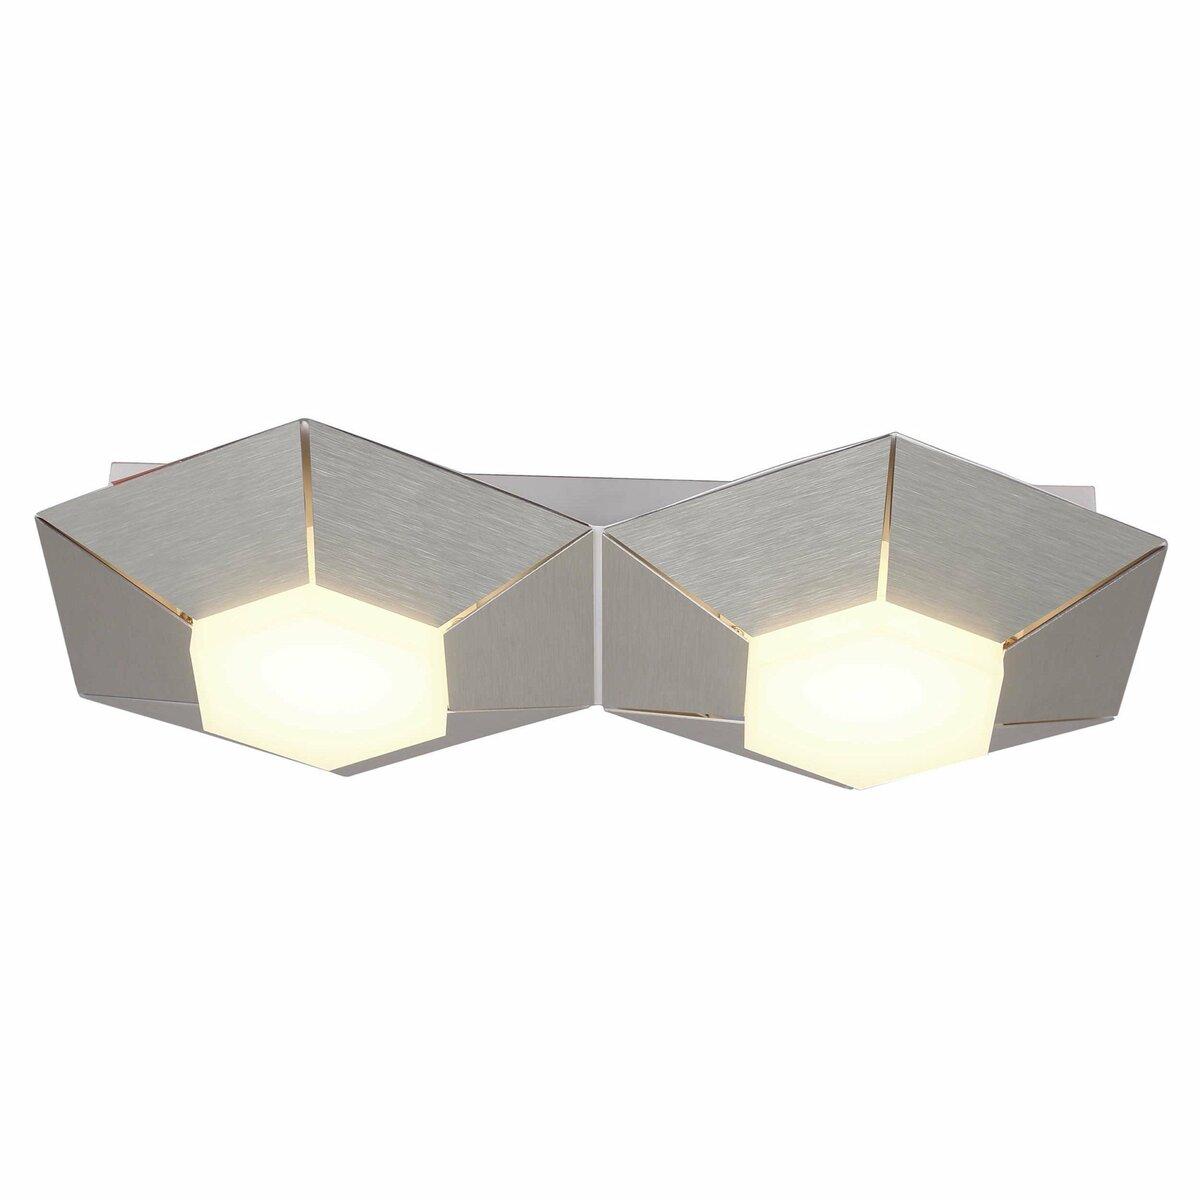 Bild 1 von DesignLive LED-Wandleuchte   EDISON